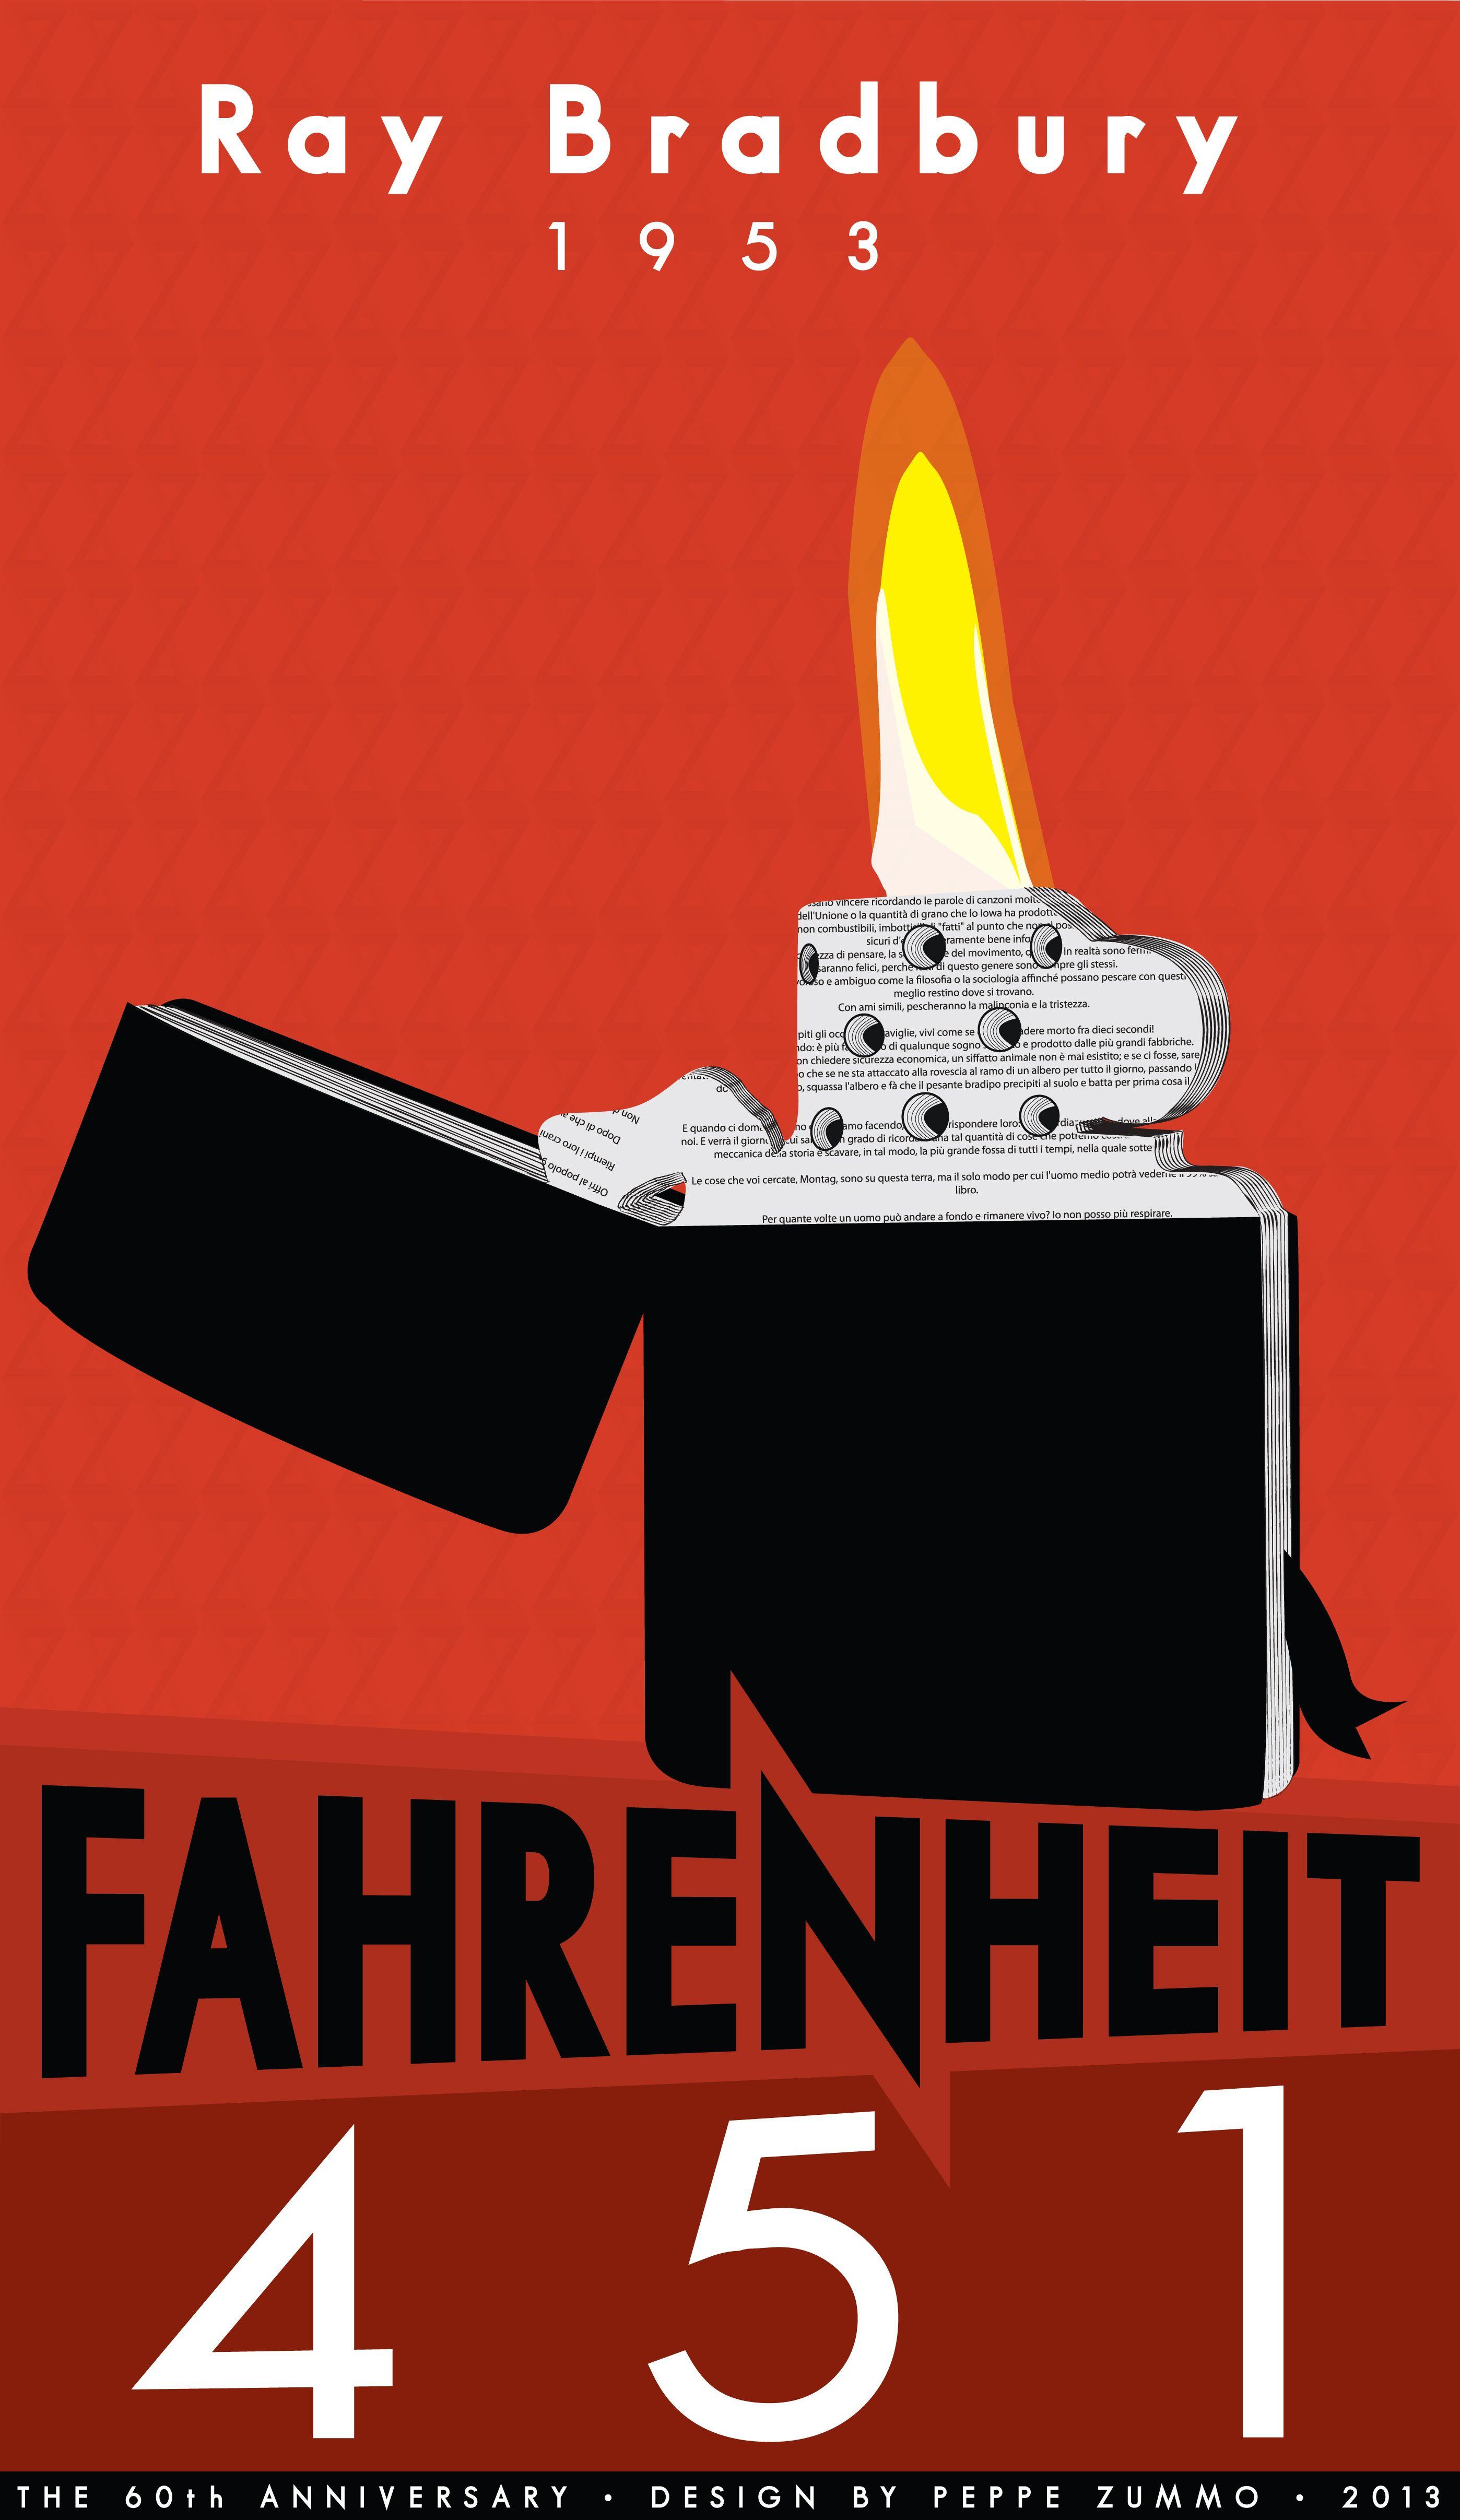 Quot Fahrenheit 451 Quot Ray Bradbury 60th Anniversary Design By Zummo